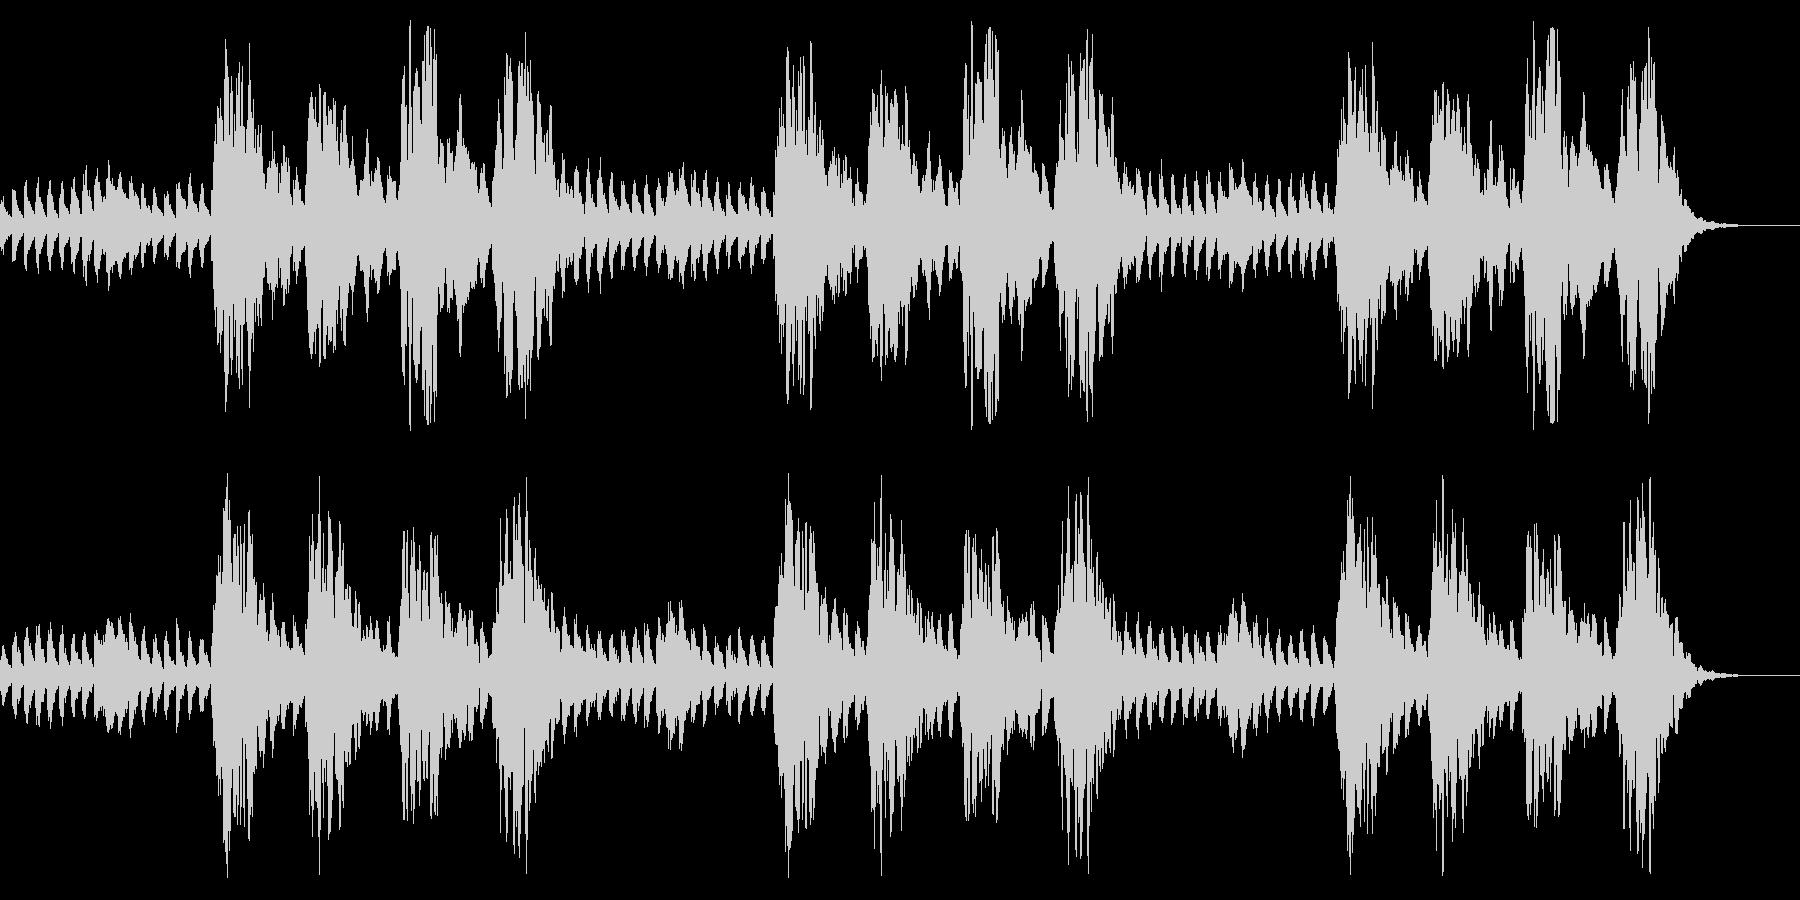 コーラスとピアノ 怪談 心霊 怖いBGMの未再生の波形